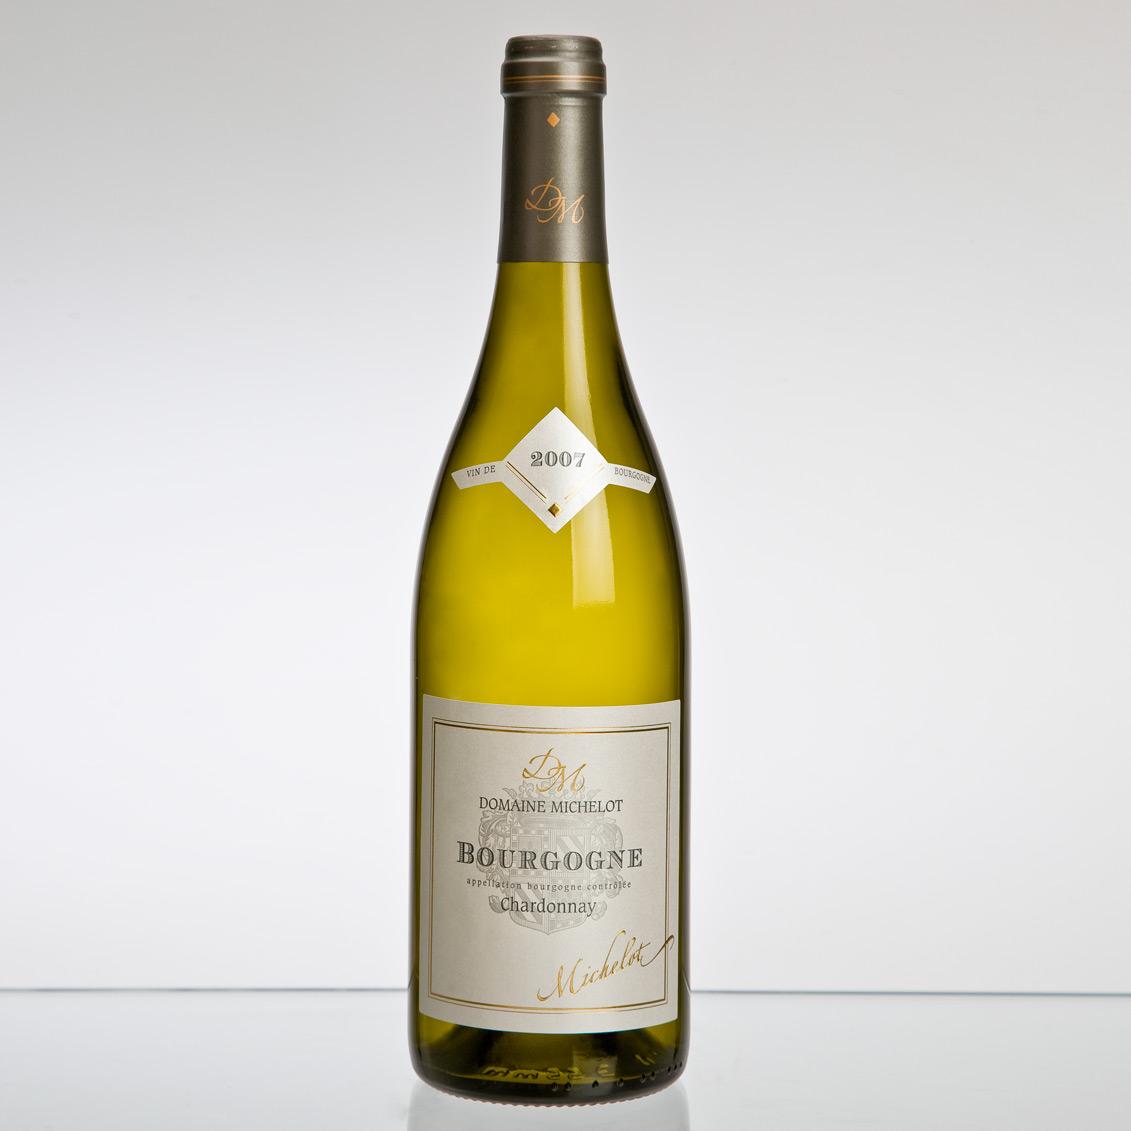 Vin de bourgogne : entrez dans la tradition.